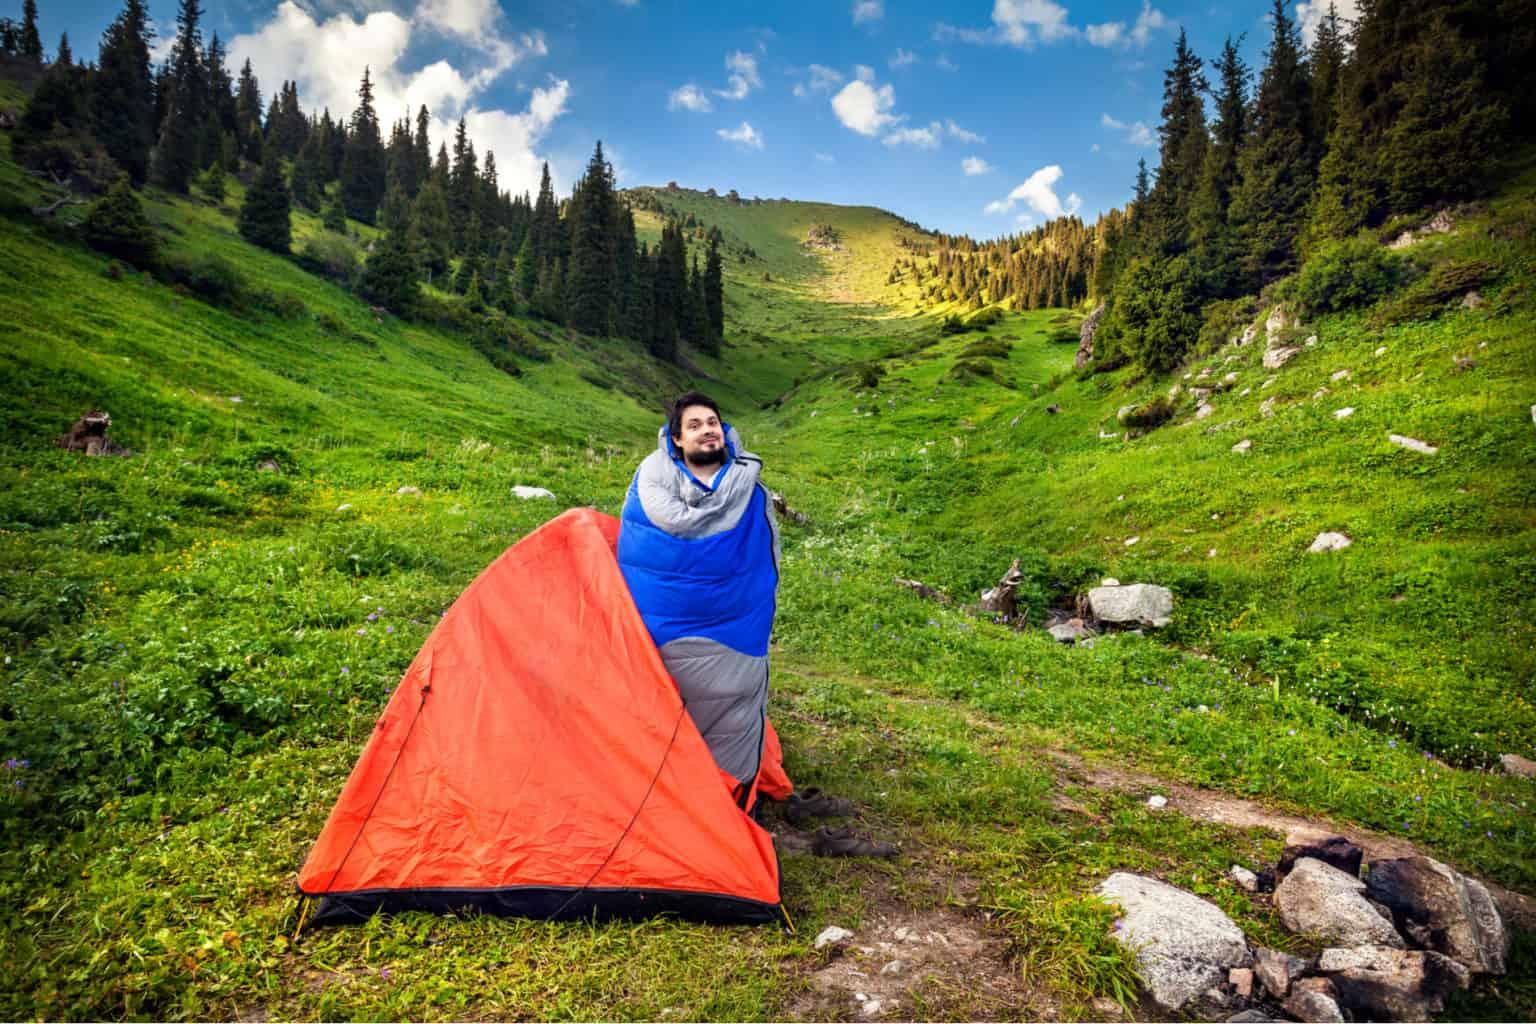 Man in sleeping bag next to orange tent